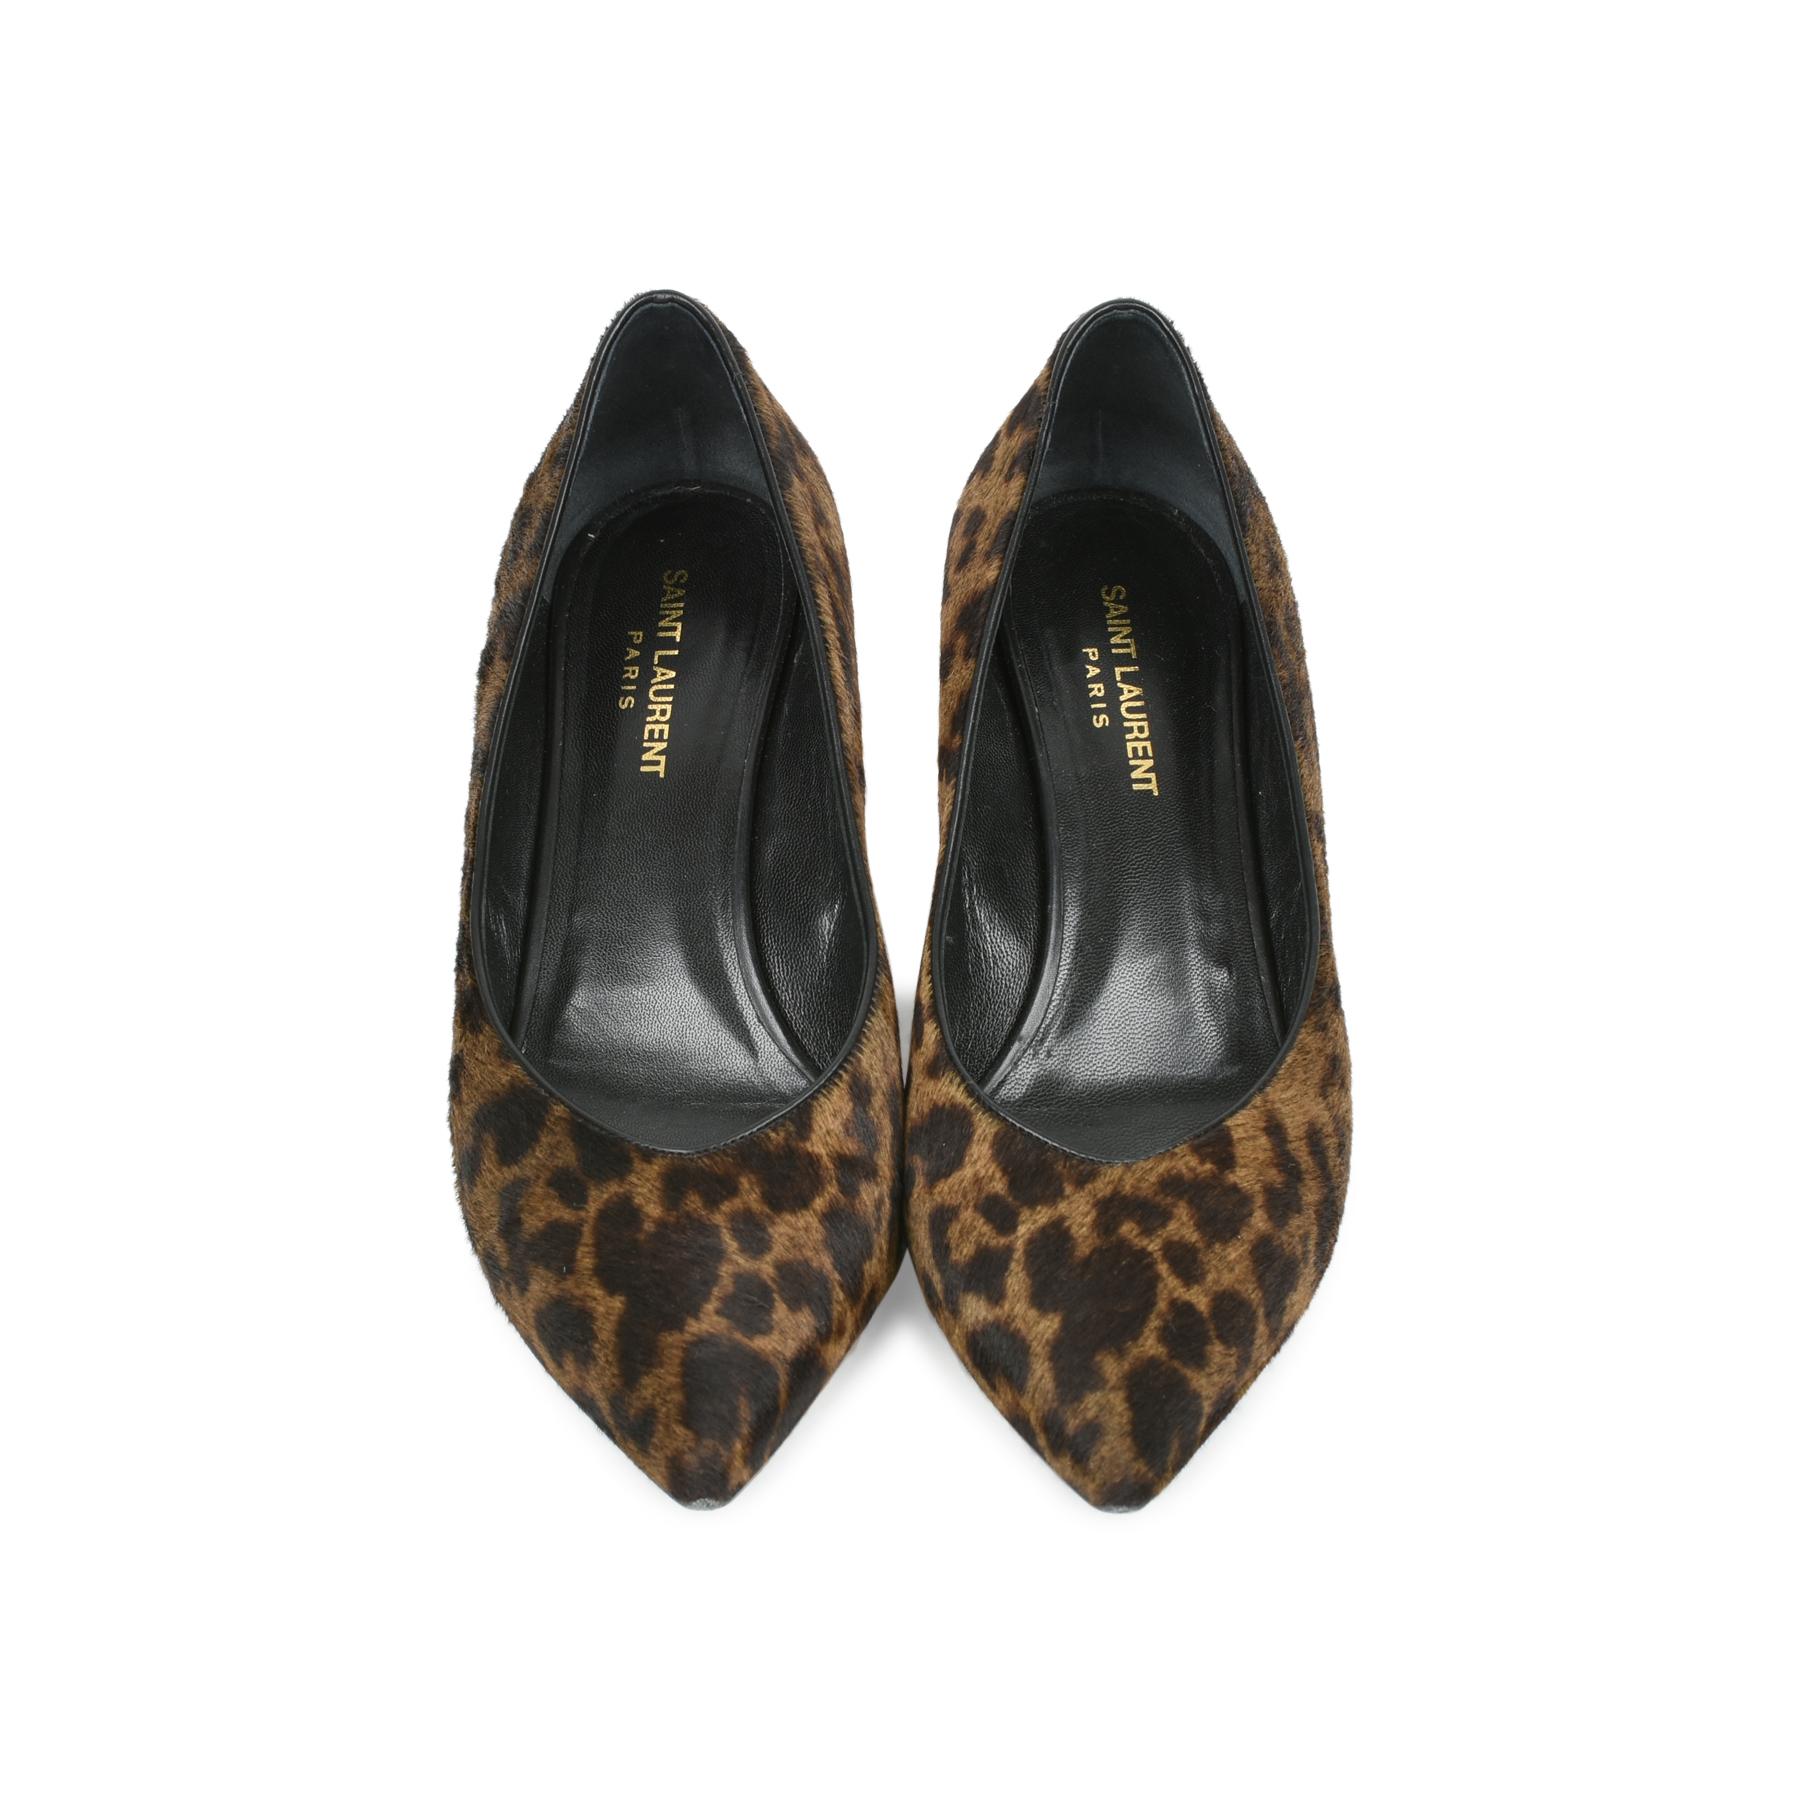 38c176e030f Authentic Second Hand Saint Laurent Leopard Kitten Heel Pumps  (PSS-470-00056)